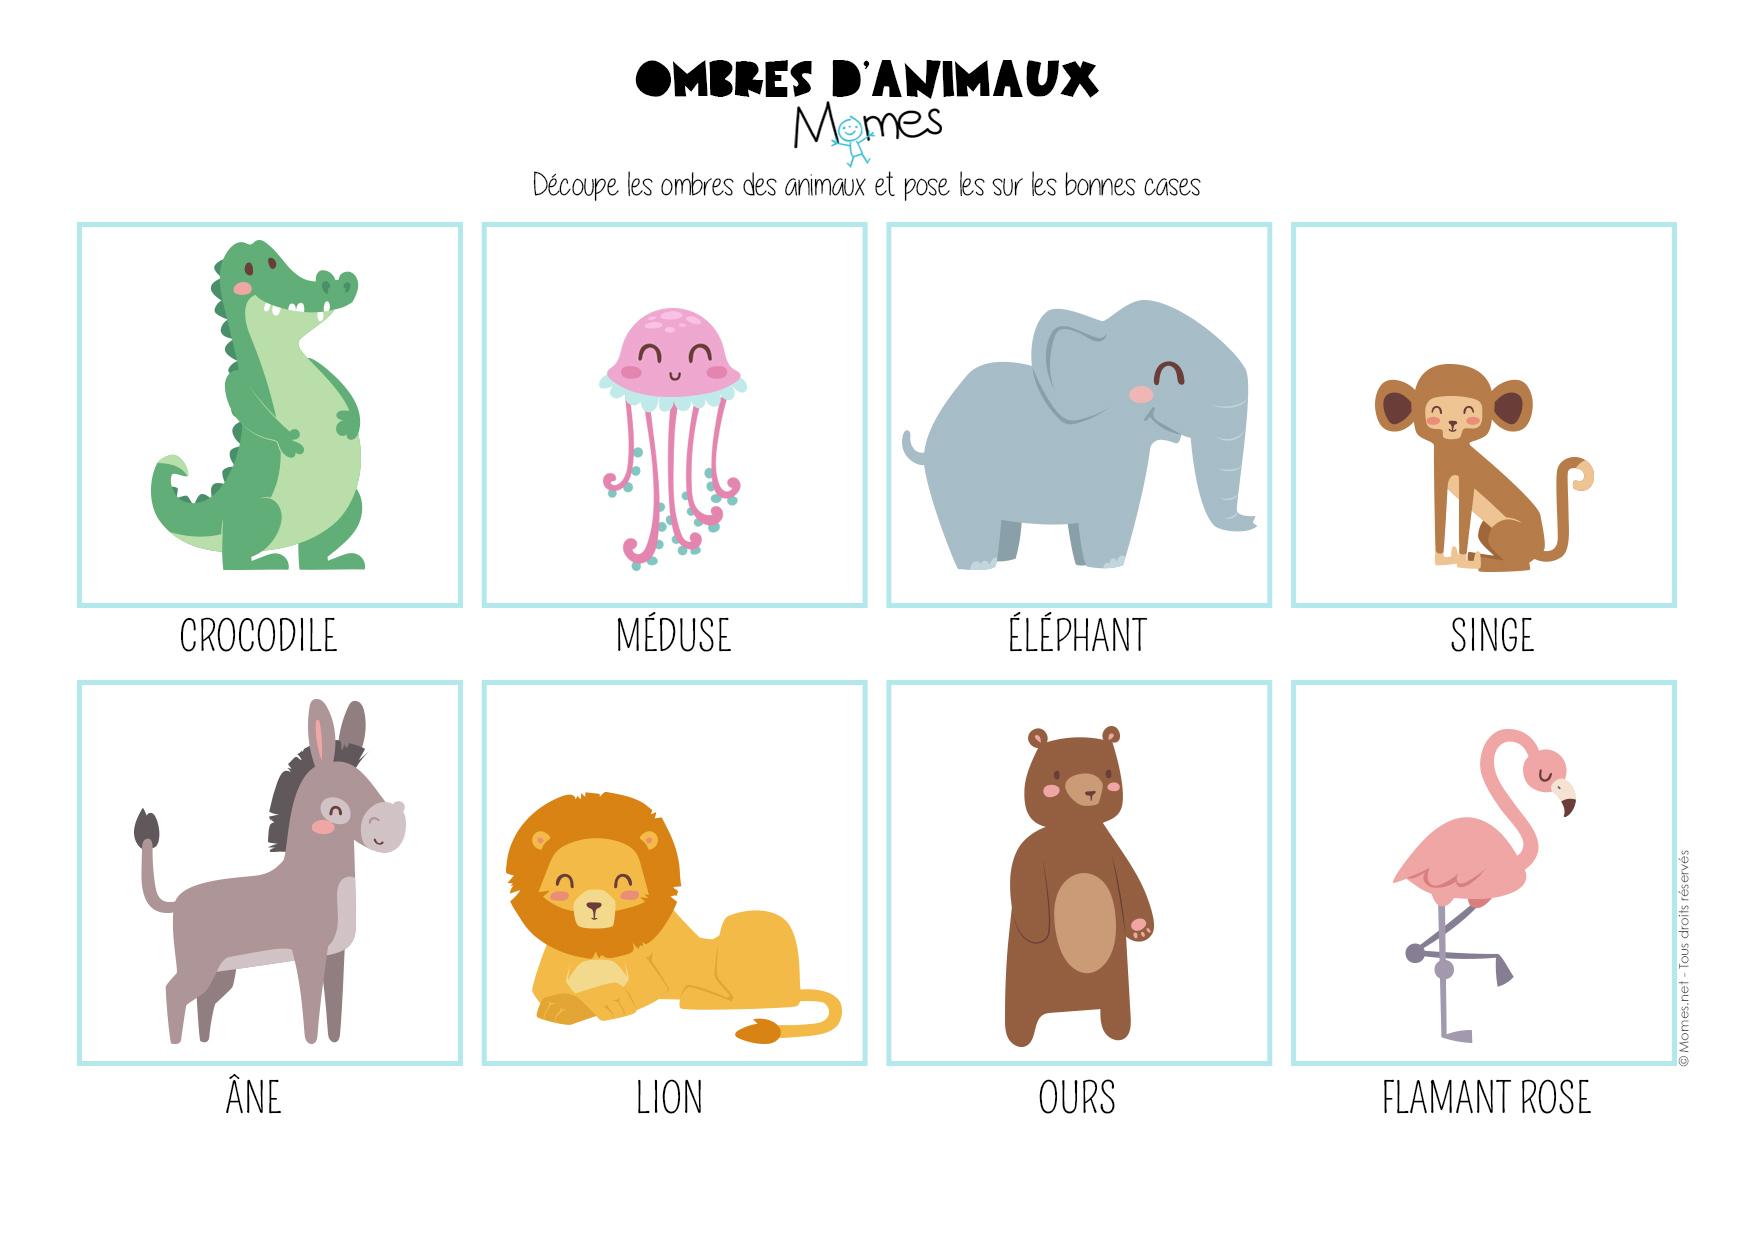 Le Jeu Des Ombres D'animaux - Momes tout Jeux Enfant Animaux